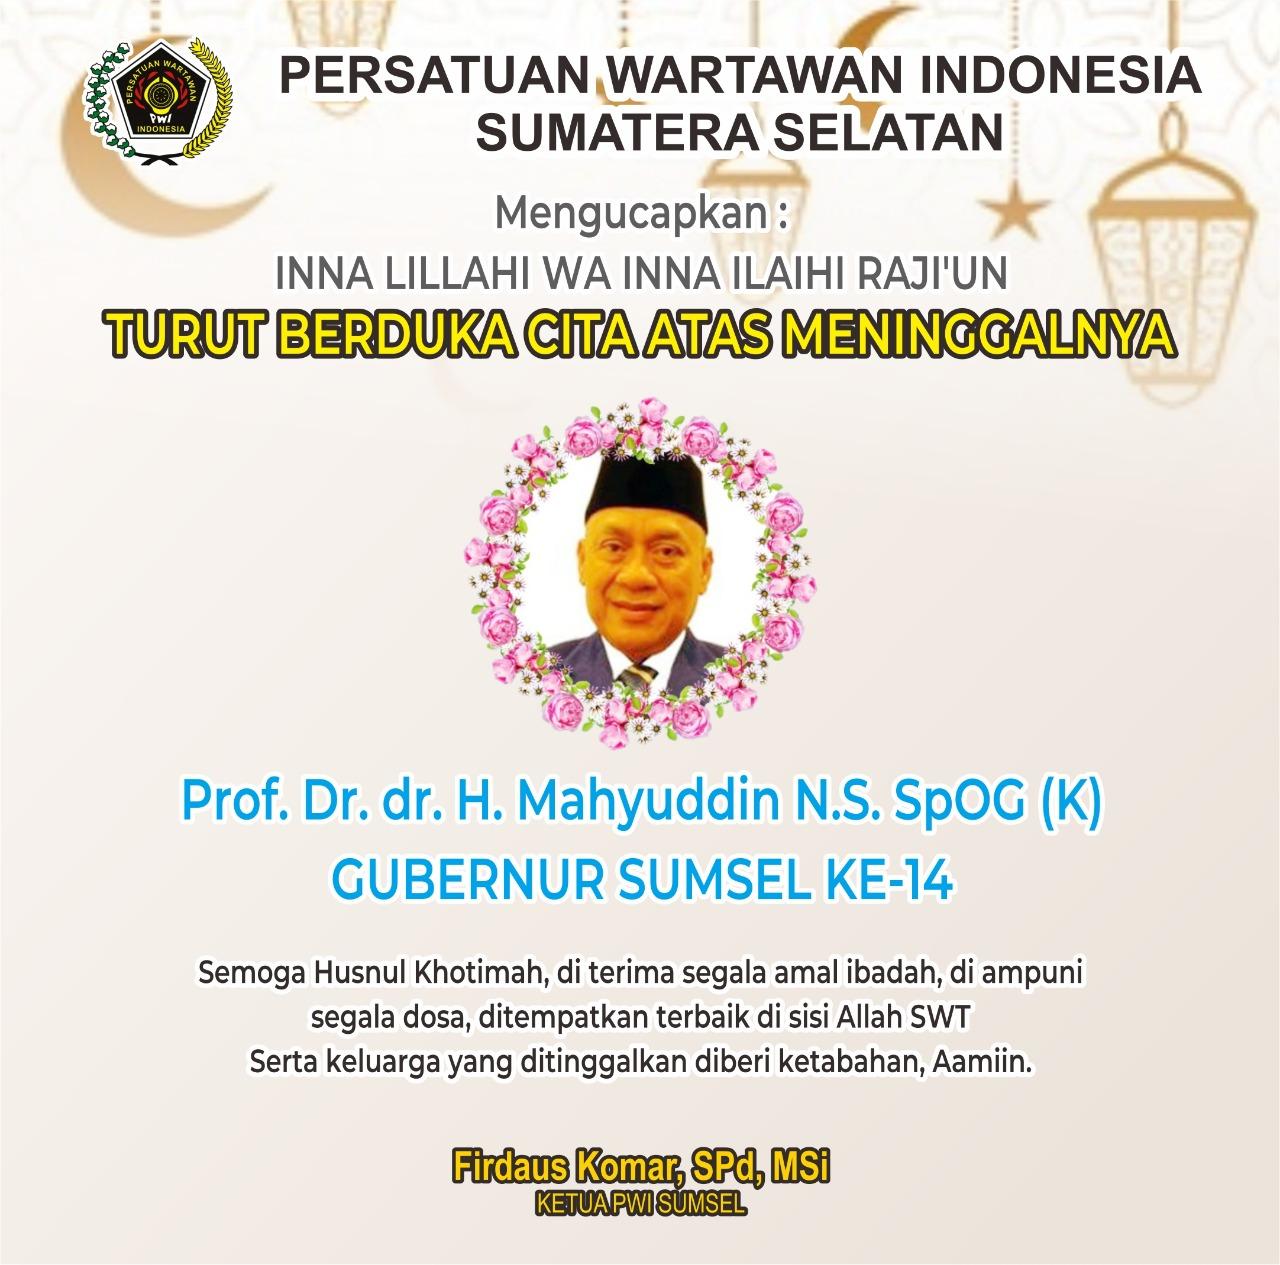 Gubernur Sumsel ke-14 Prof Dr dr H Mahyudin NS Meninggal Dunia